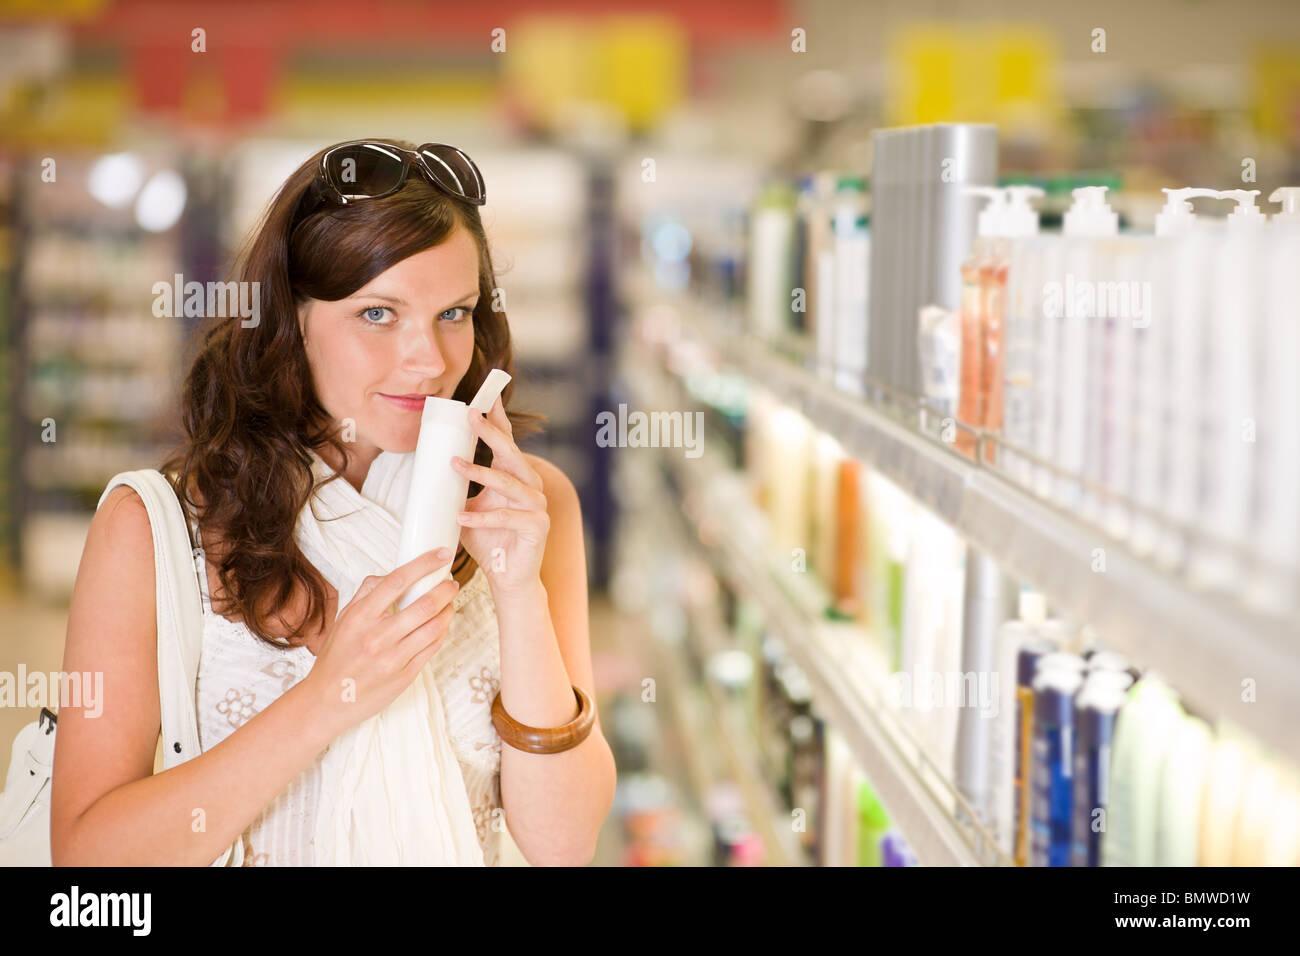 Продавец-консультант профессиональной косметики для волос